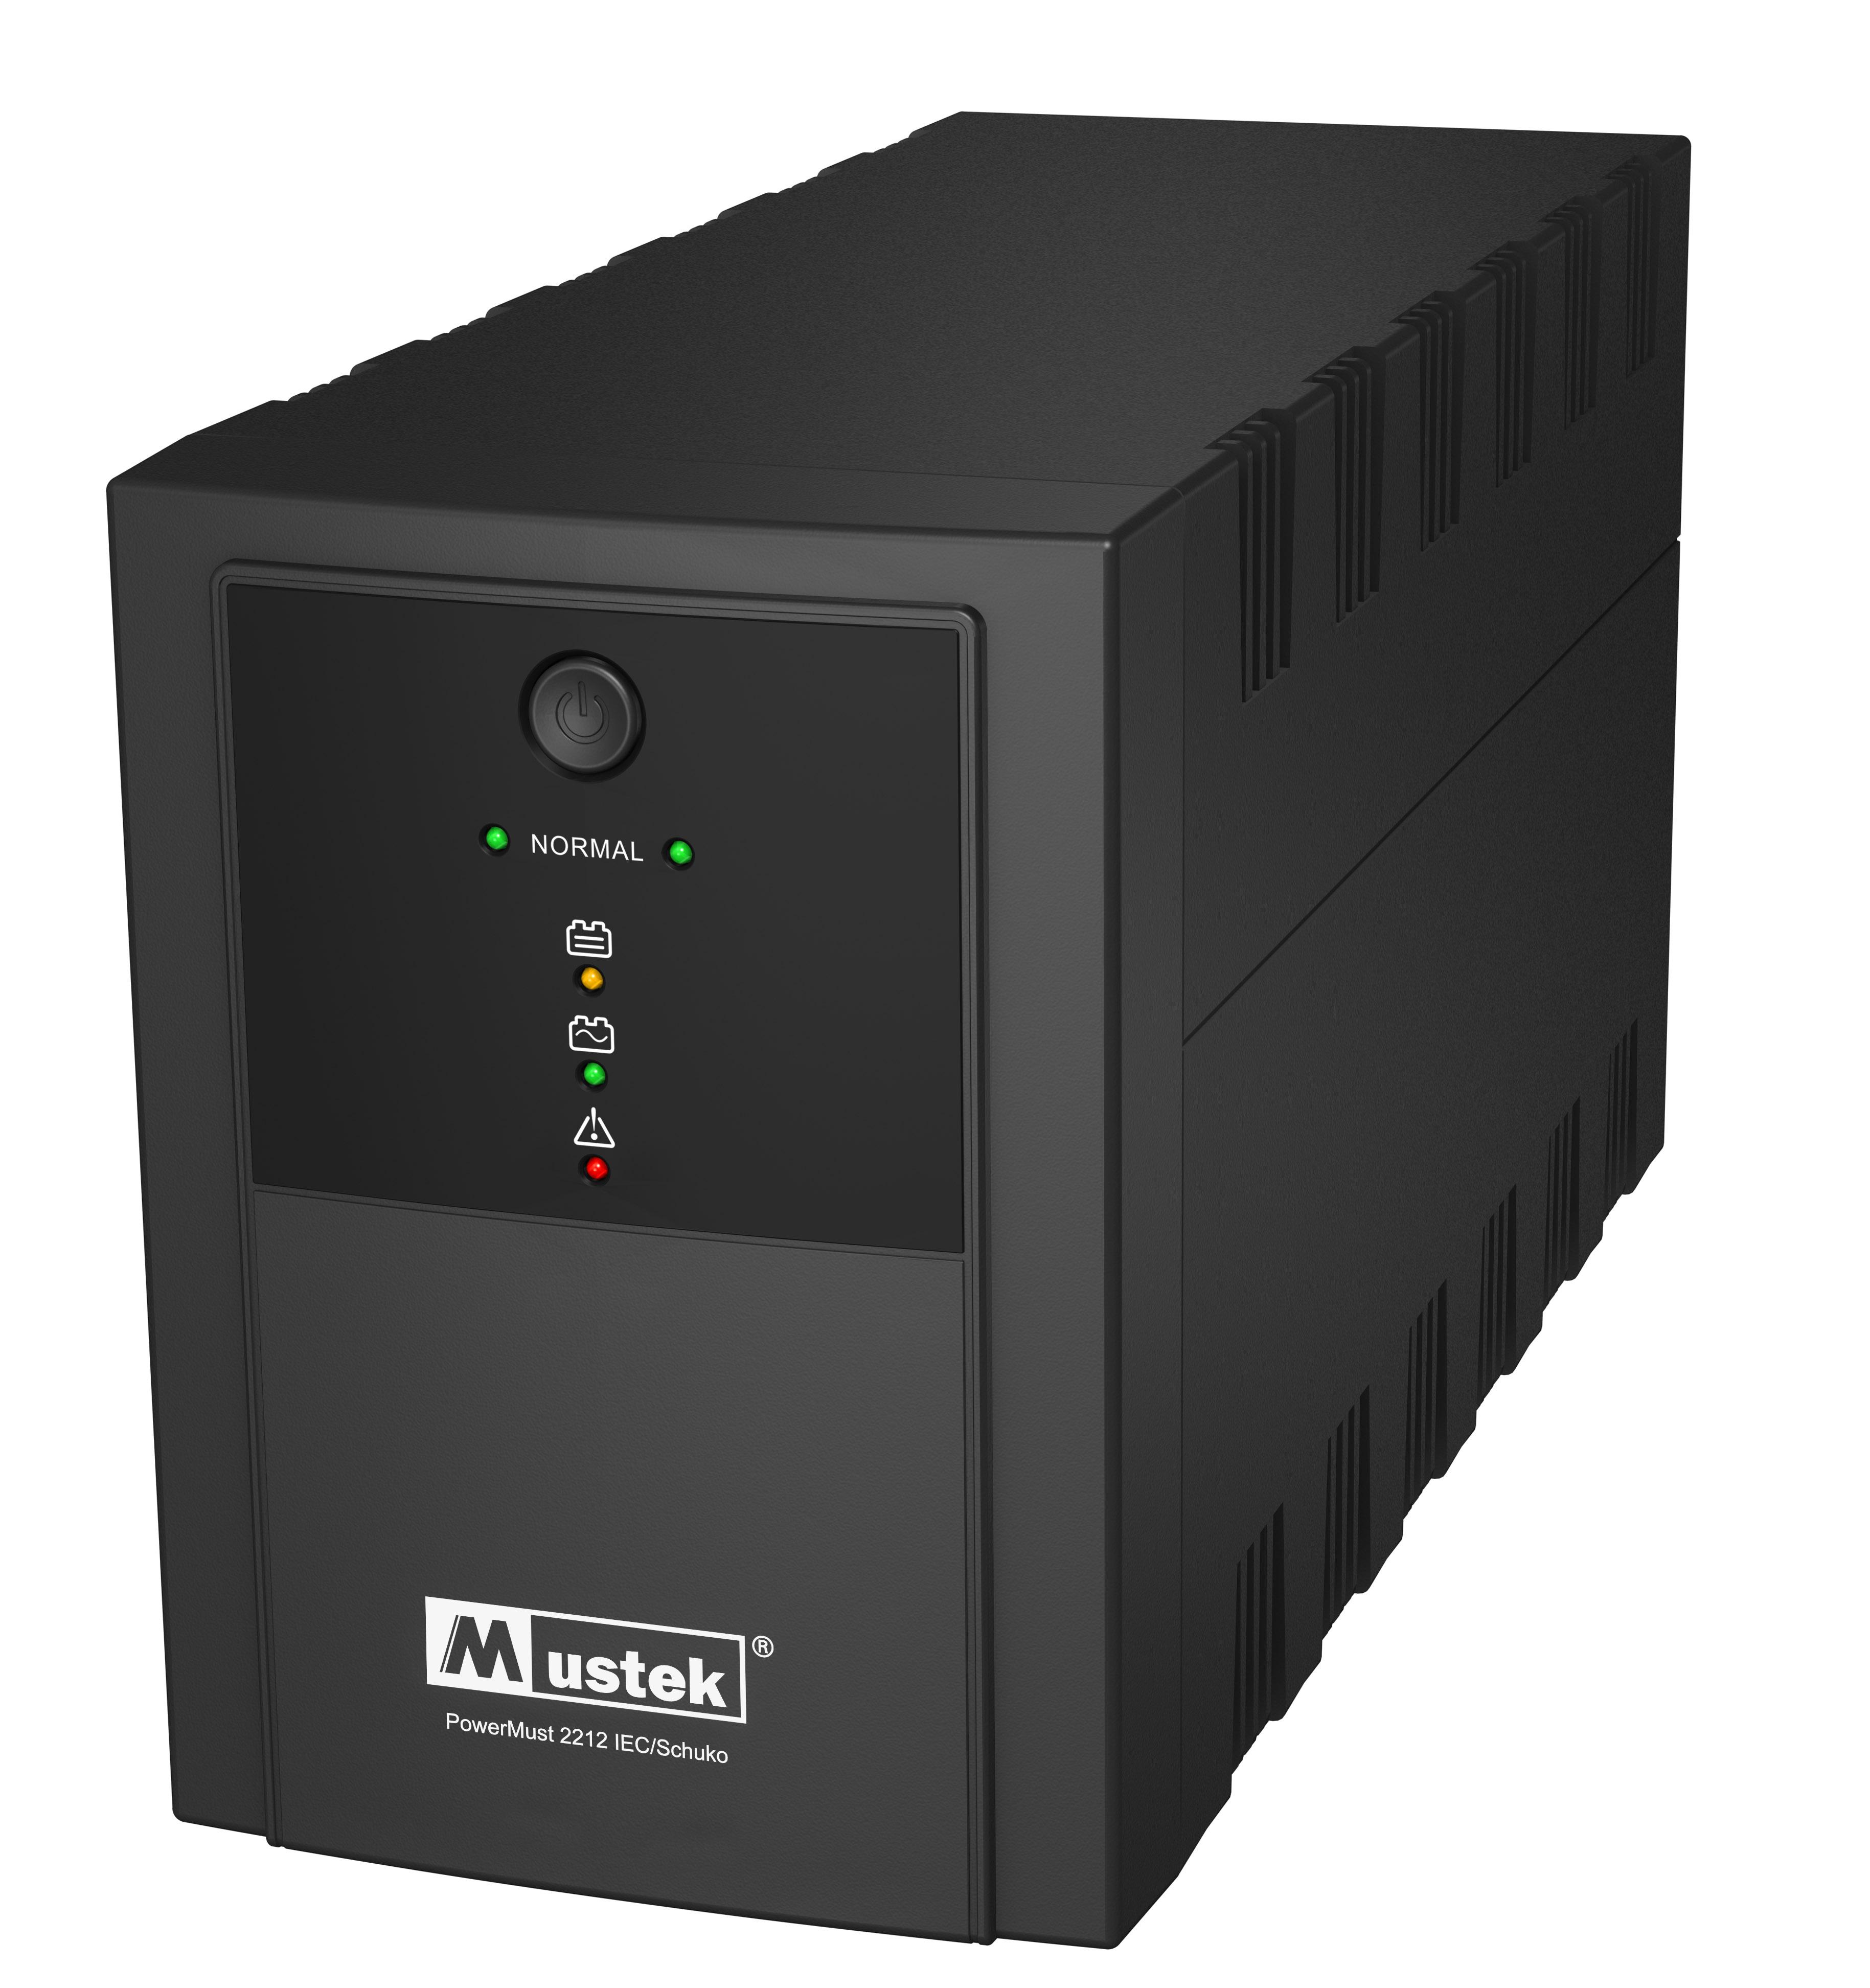 884da41f269 PowerMust 2212(2200VA), Line Int., IECSchuko.jpg ...